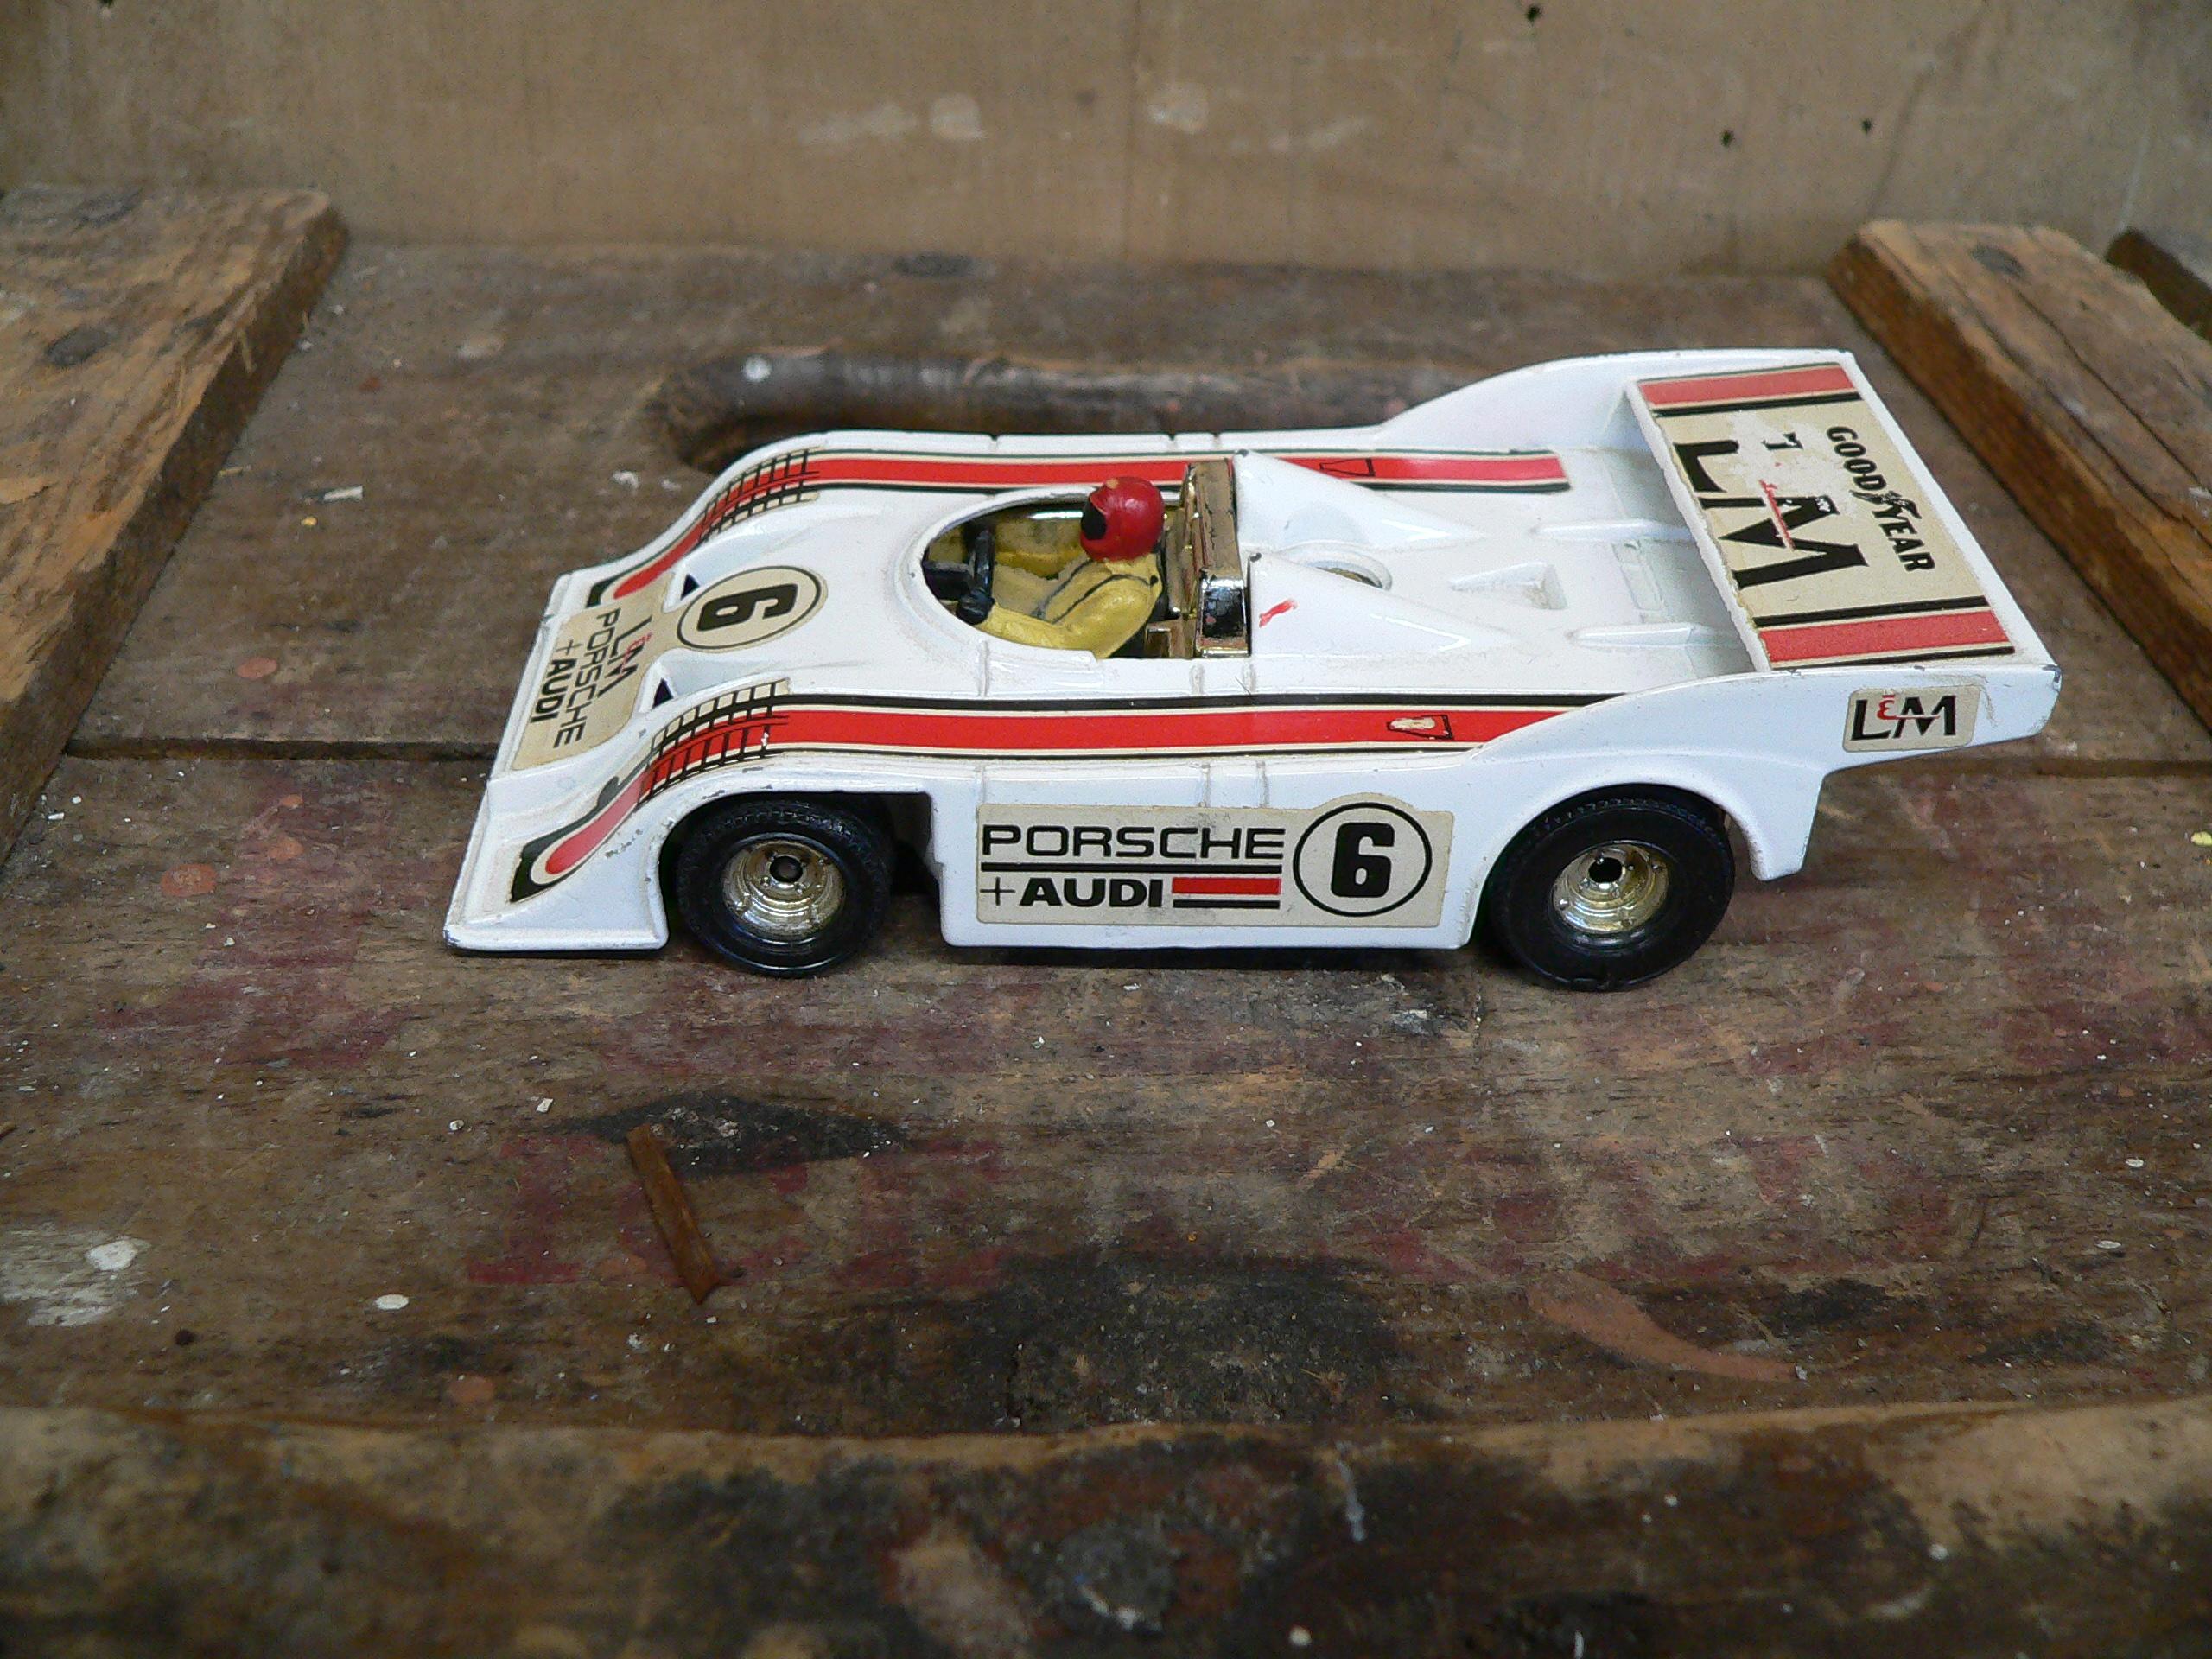 Porsche can am audi # 5923.11